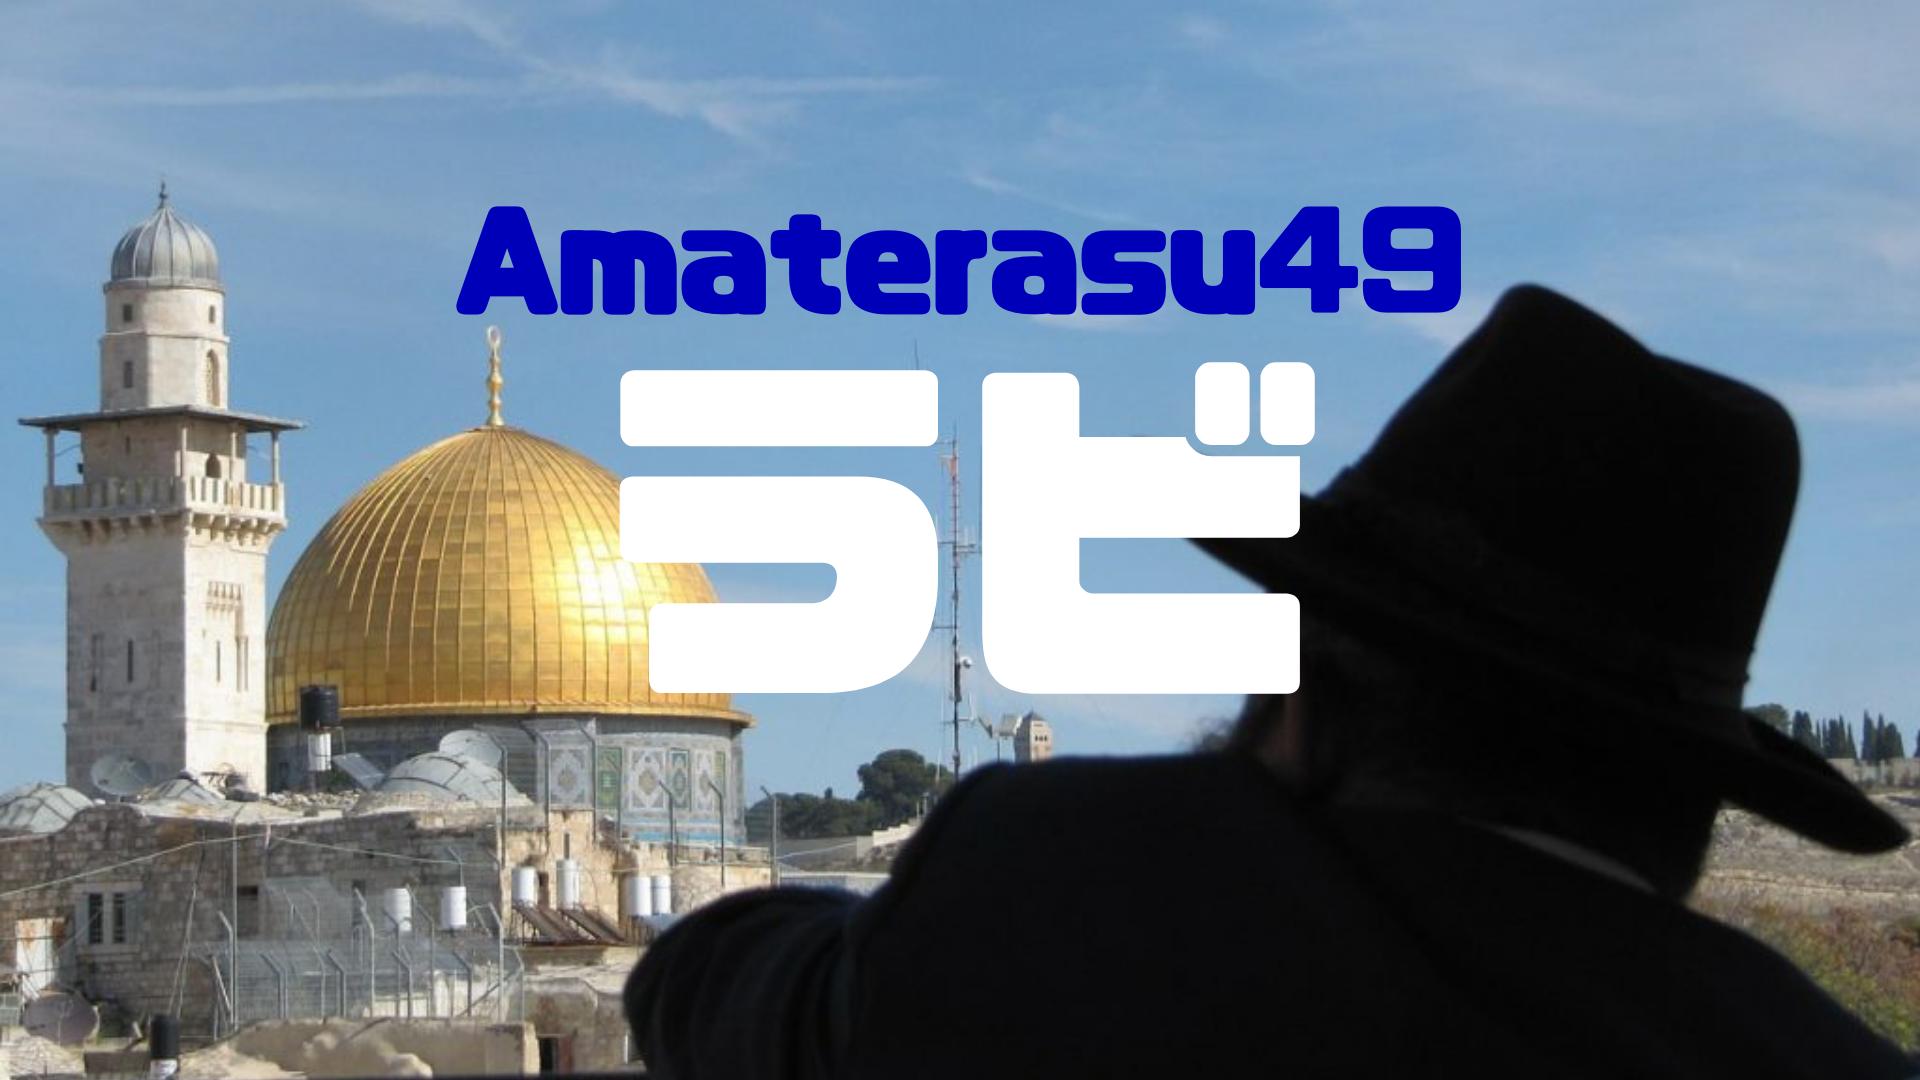 ラビとは?ユダヤ教の宗教的指導者の呼び名について知ろう